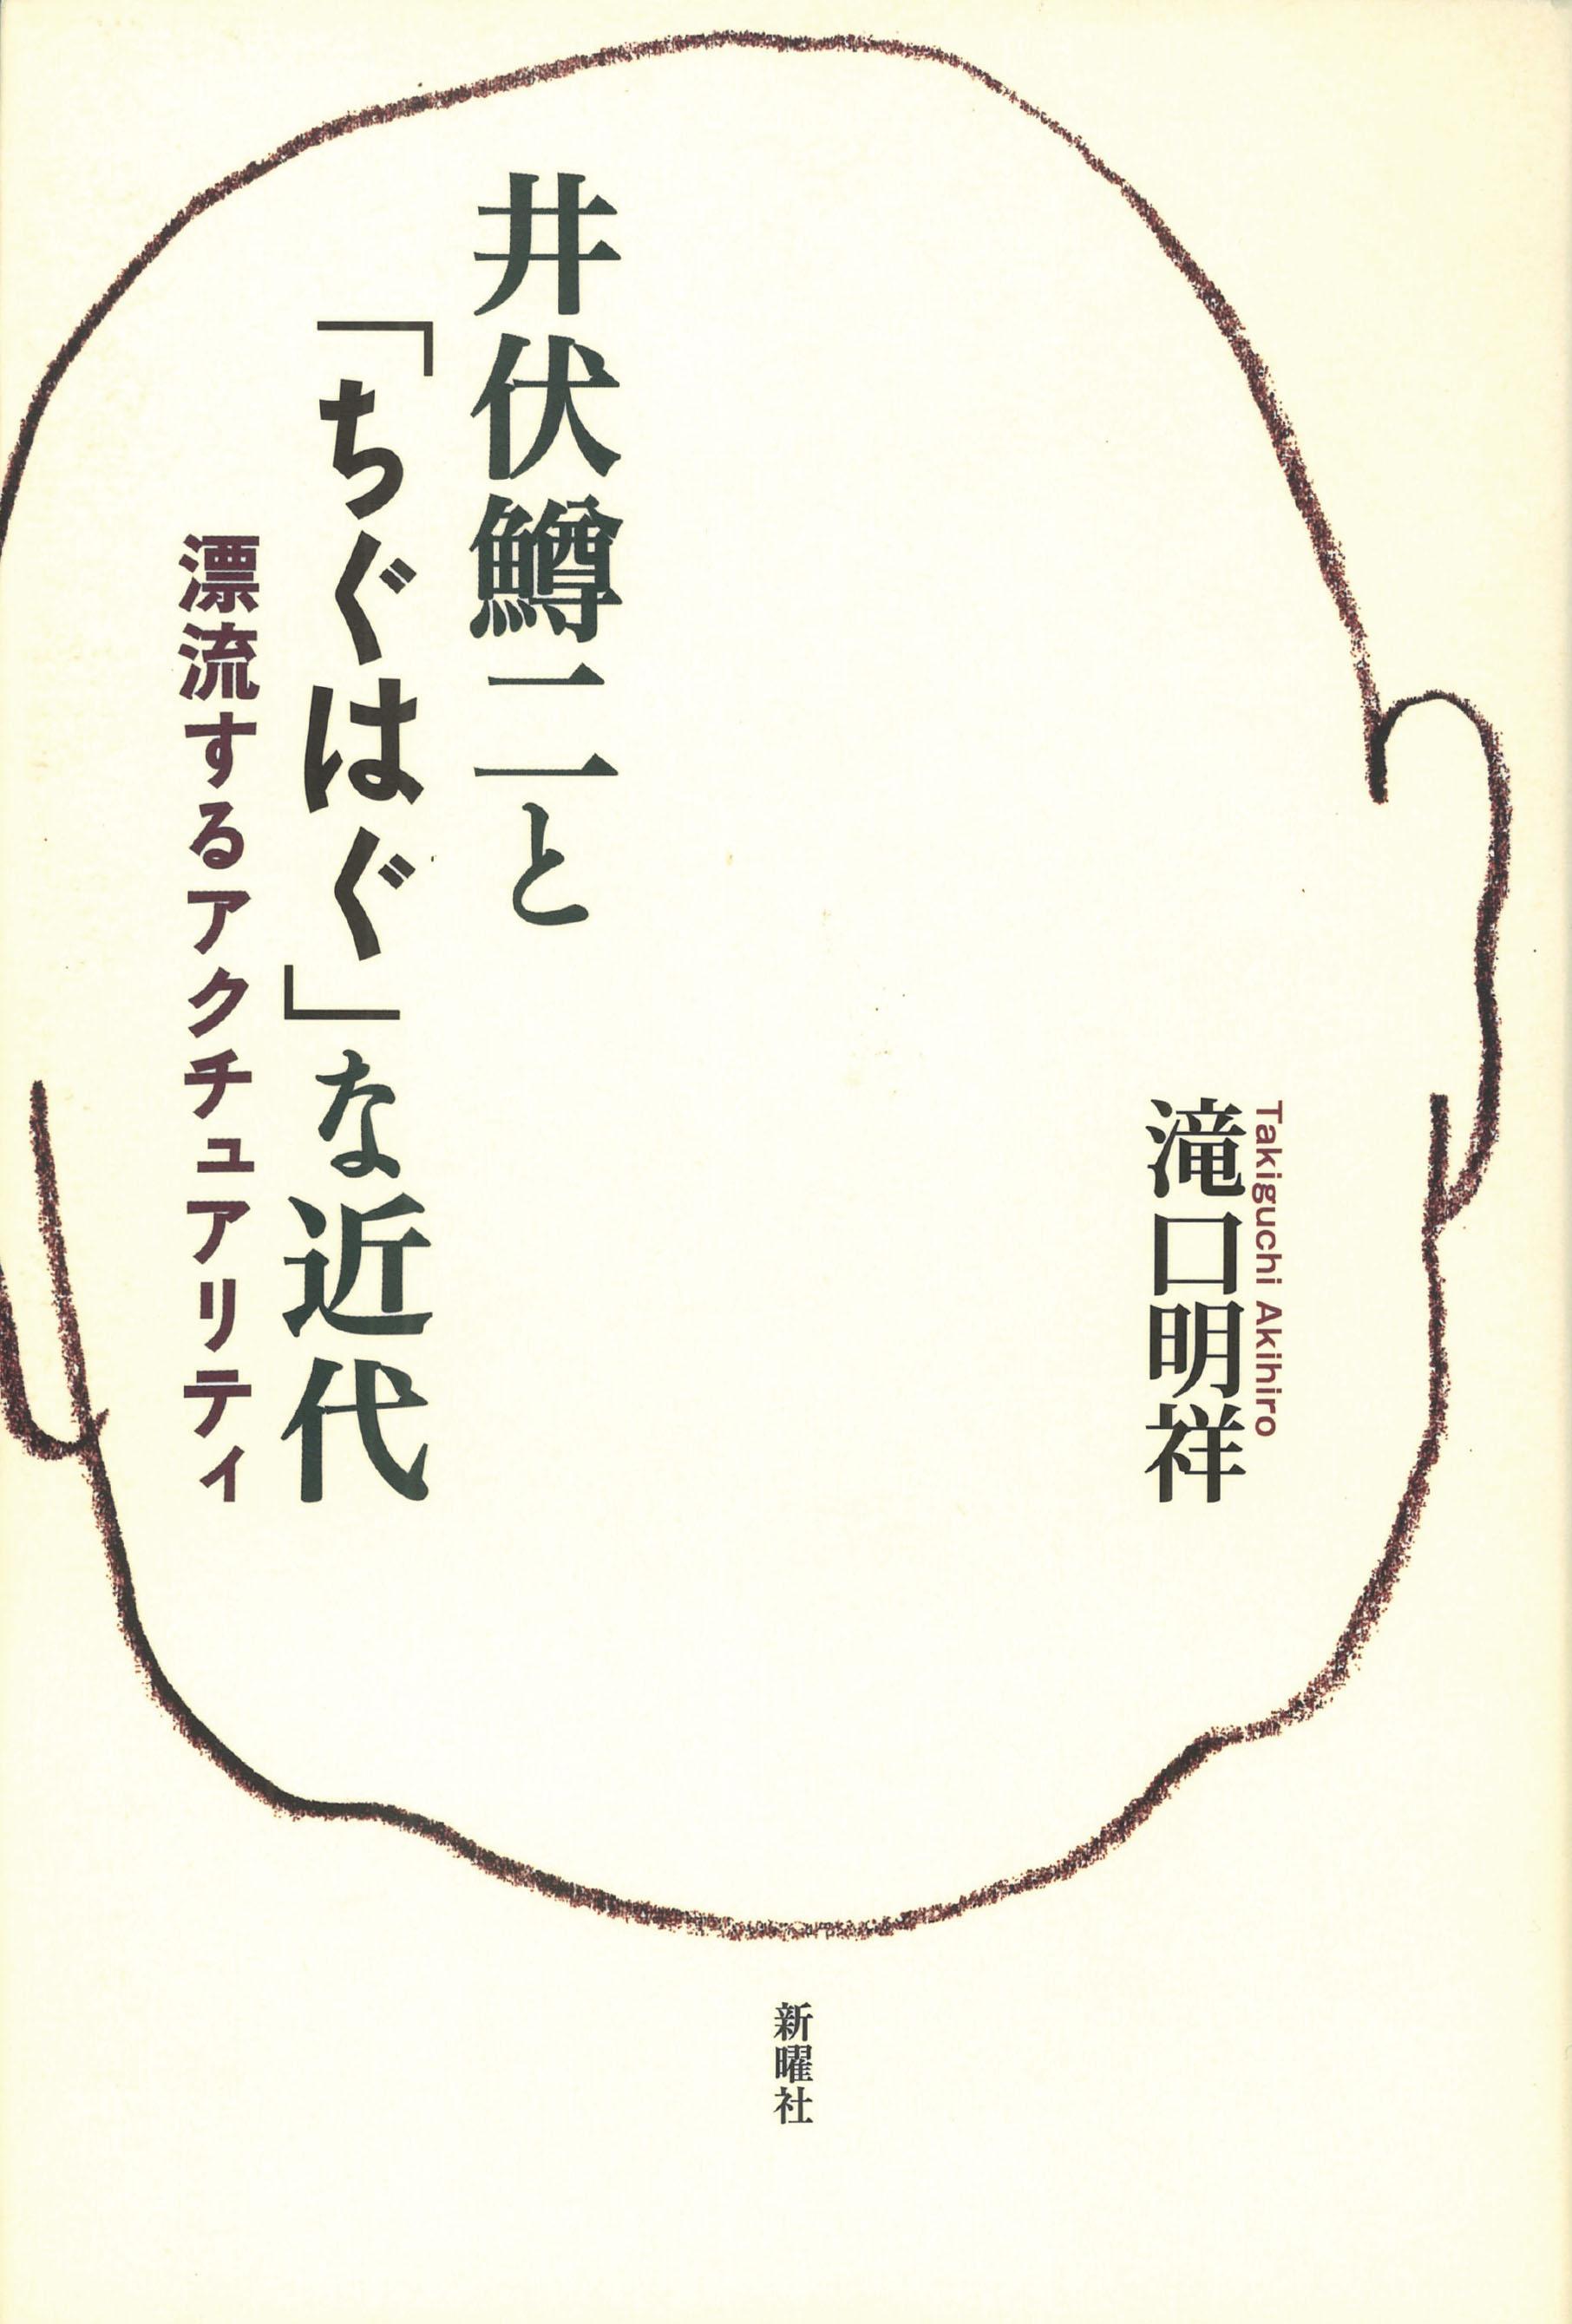 井伏鱒二と「ちぐはぐ」な近代<br>漂流するアクチュアリティ